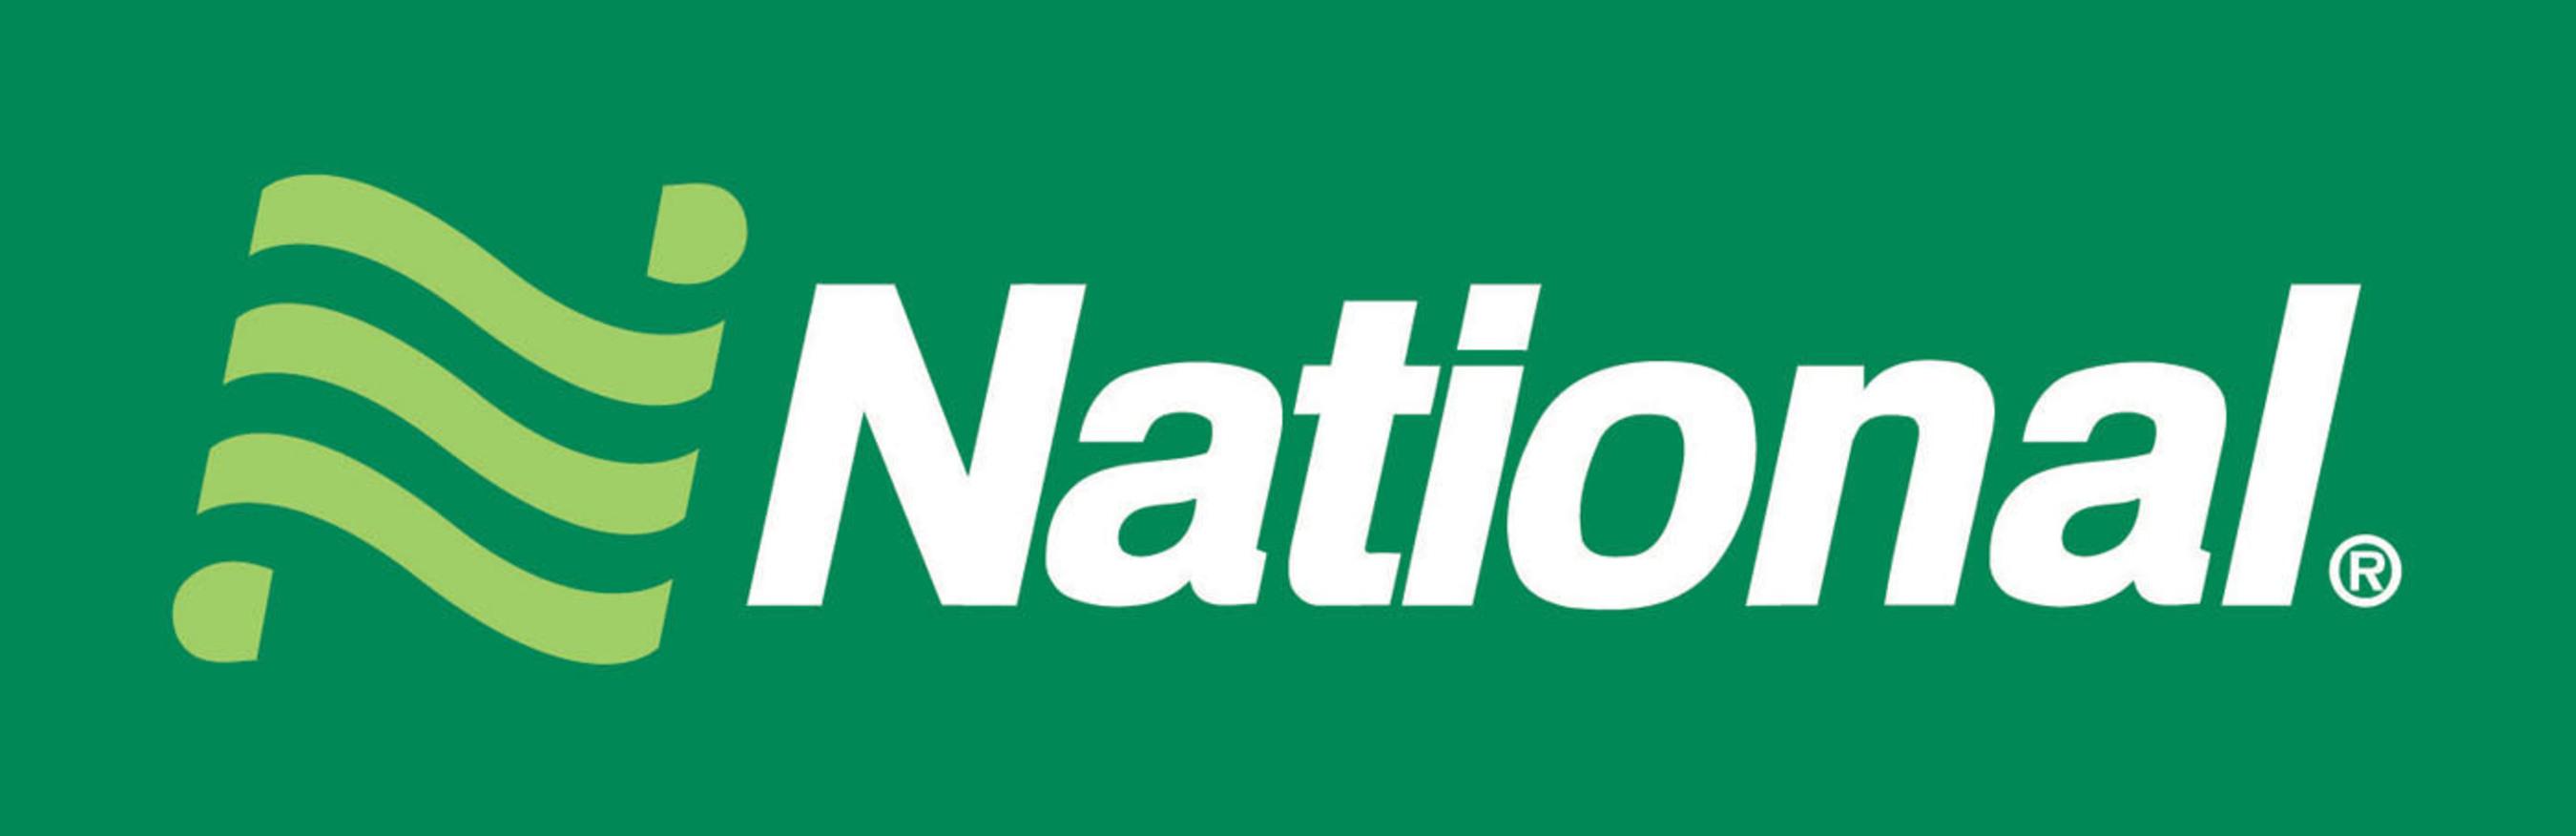 National car rental in Estonia